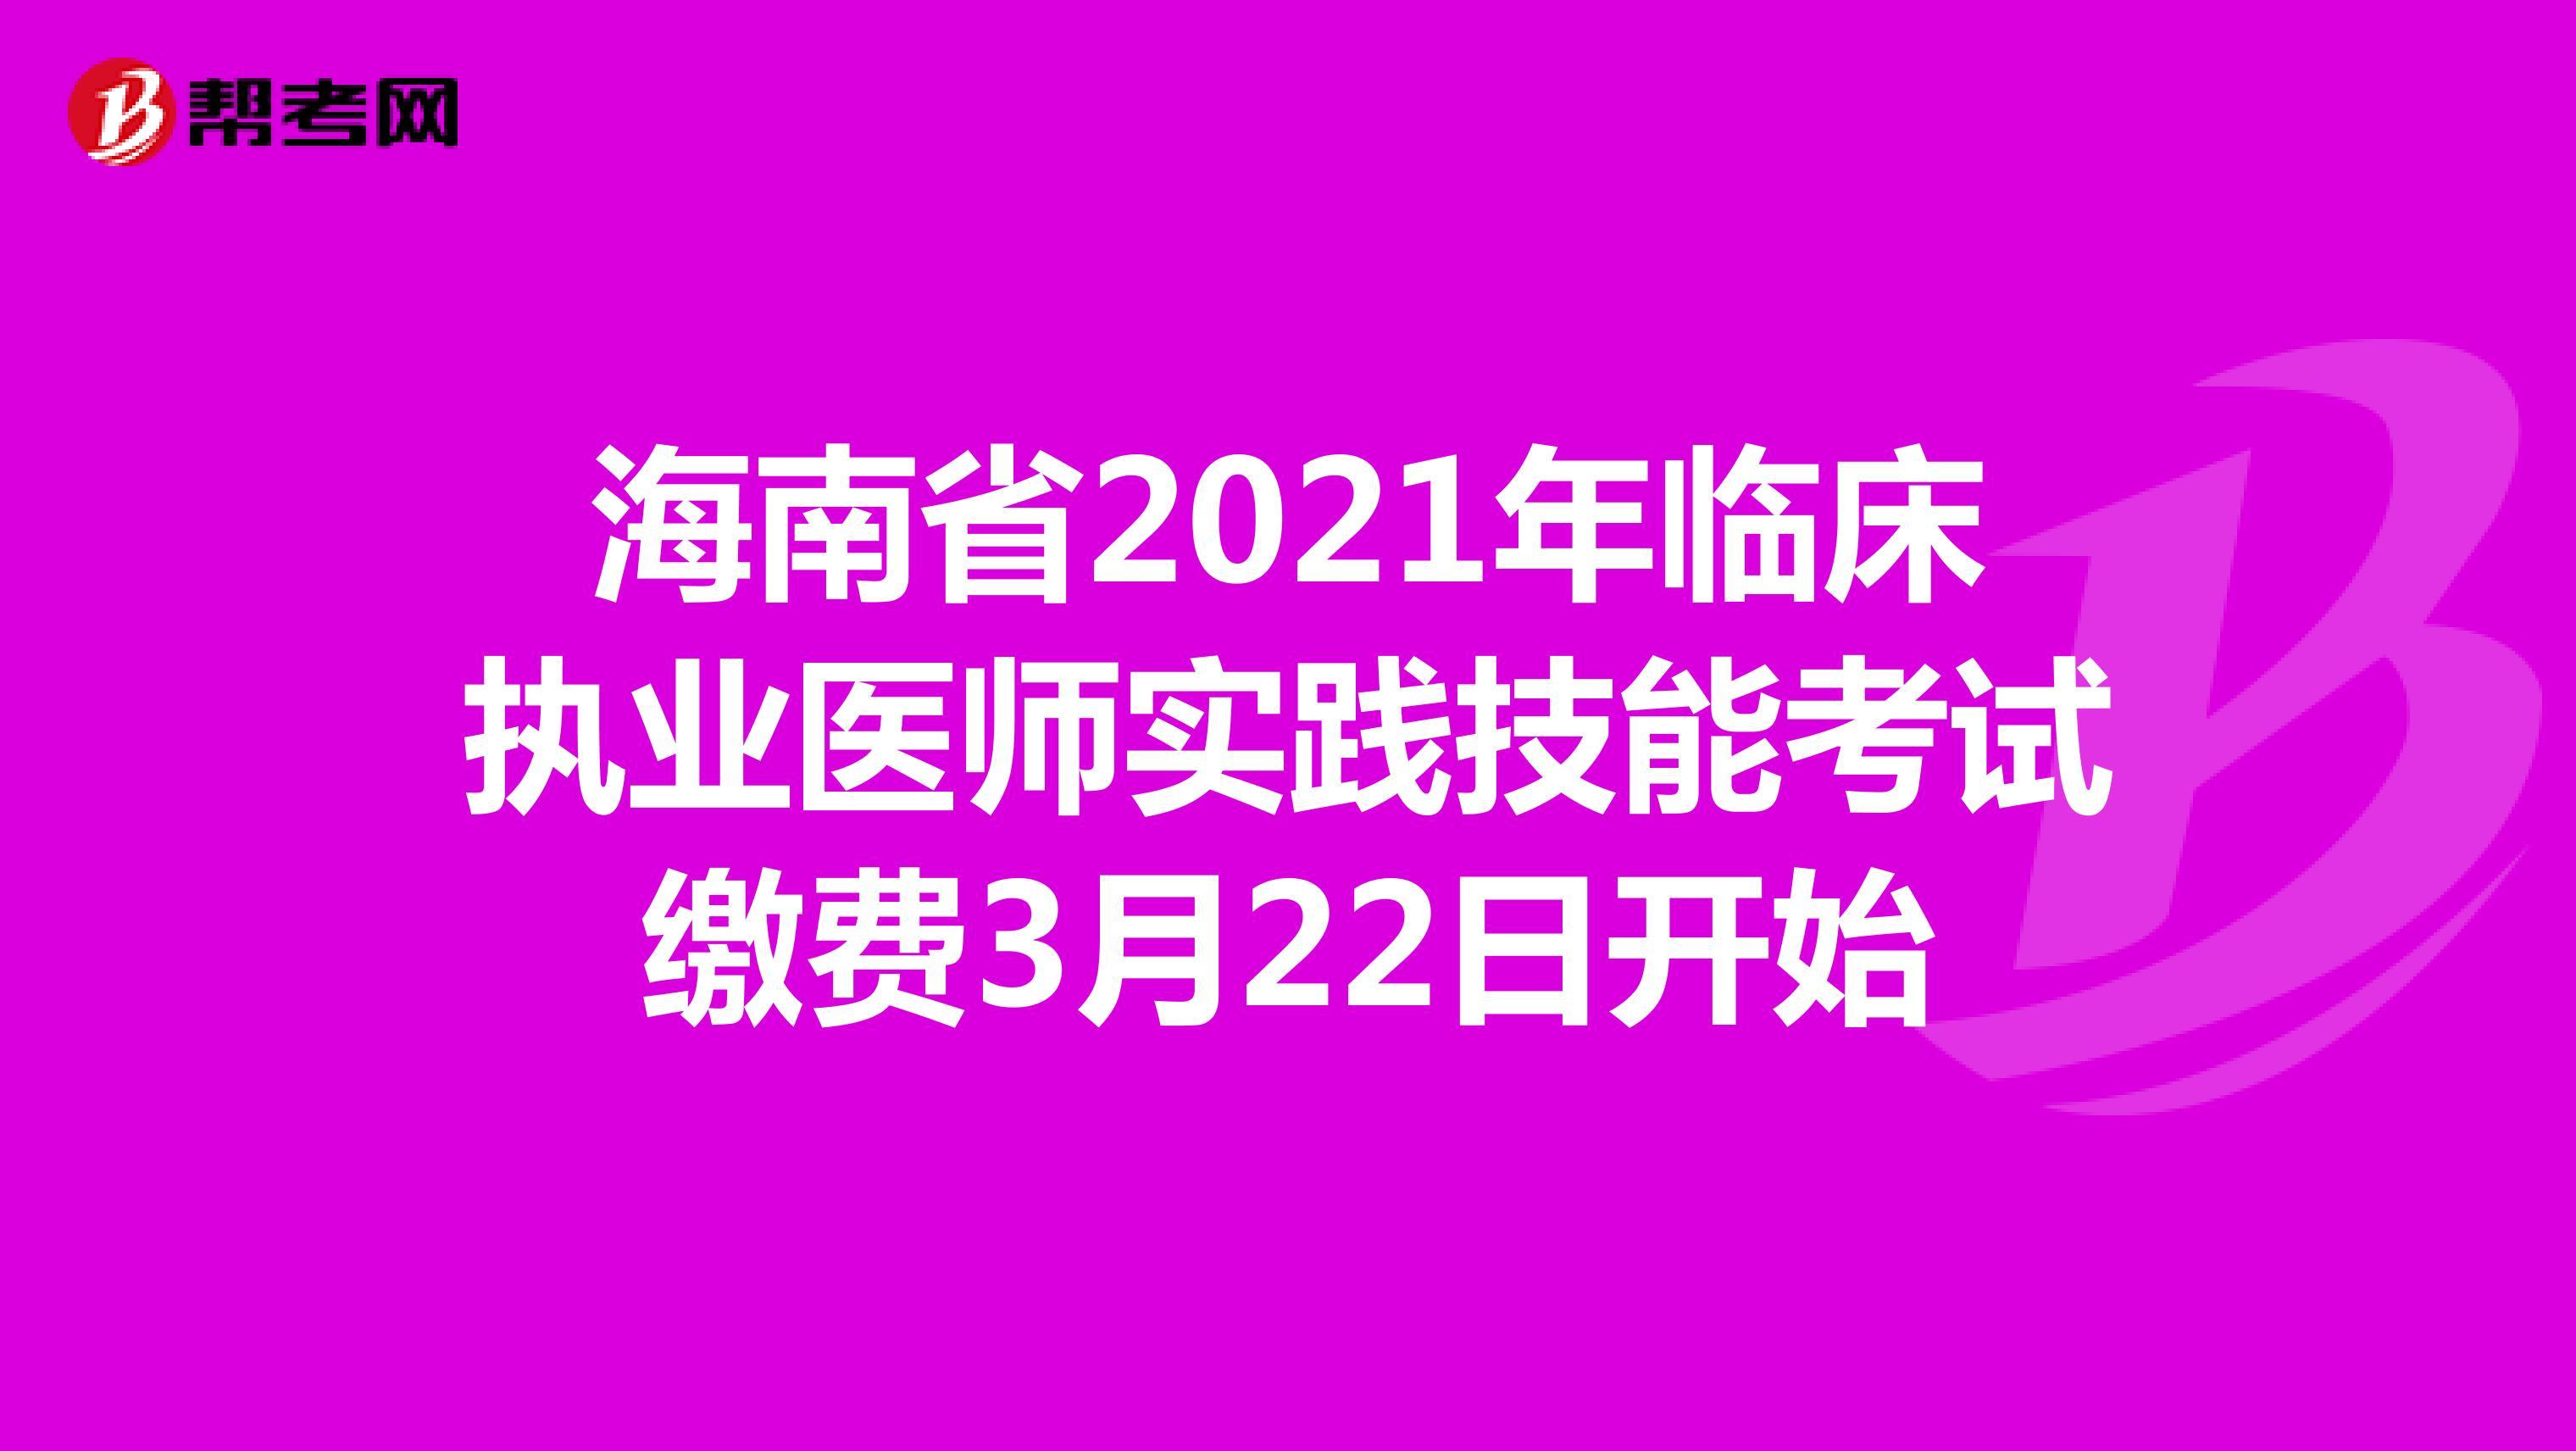 海南省2021年临床执业医师实践技能考试缴费3月22日开始